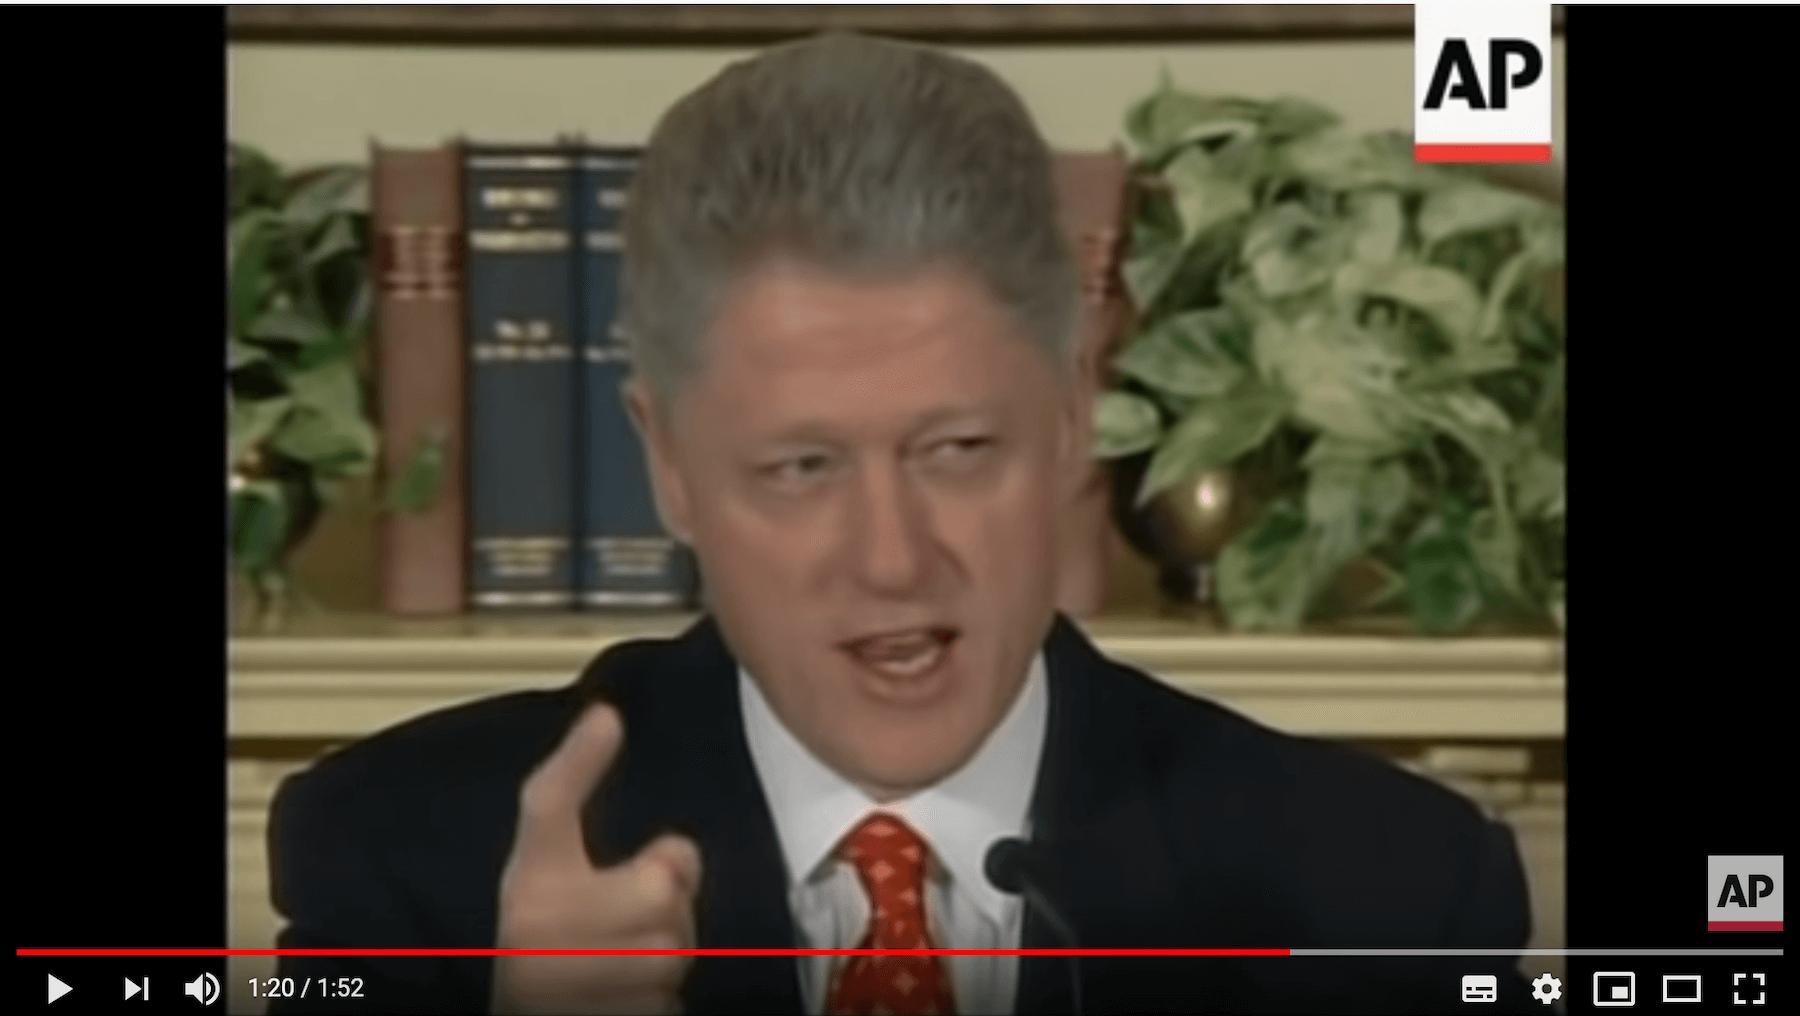 Bill Clinton Luegen Video zur Monica Lewinsky Affäre